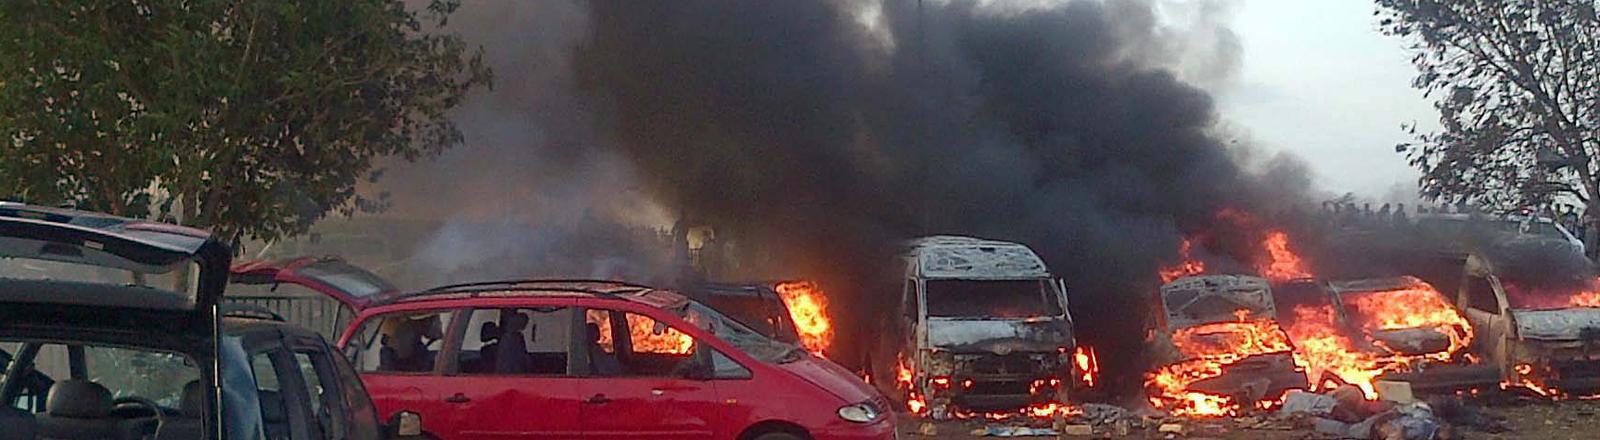 Brennende Autos nach einem Anschlag im Nyana Motor Park in Abuja, Nigeria.